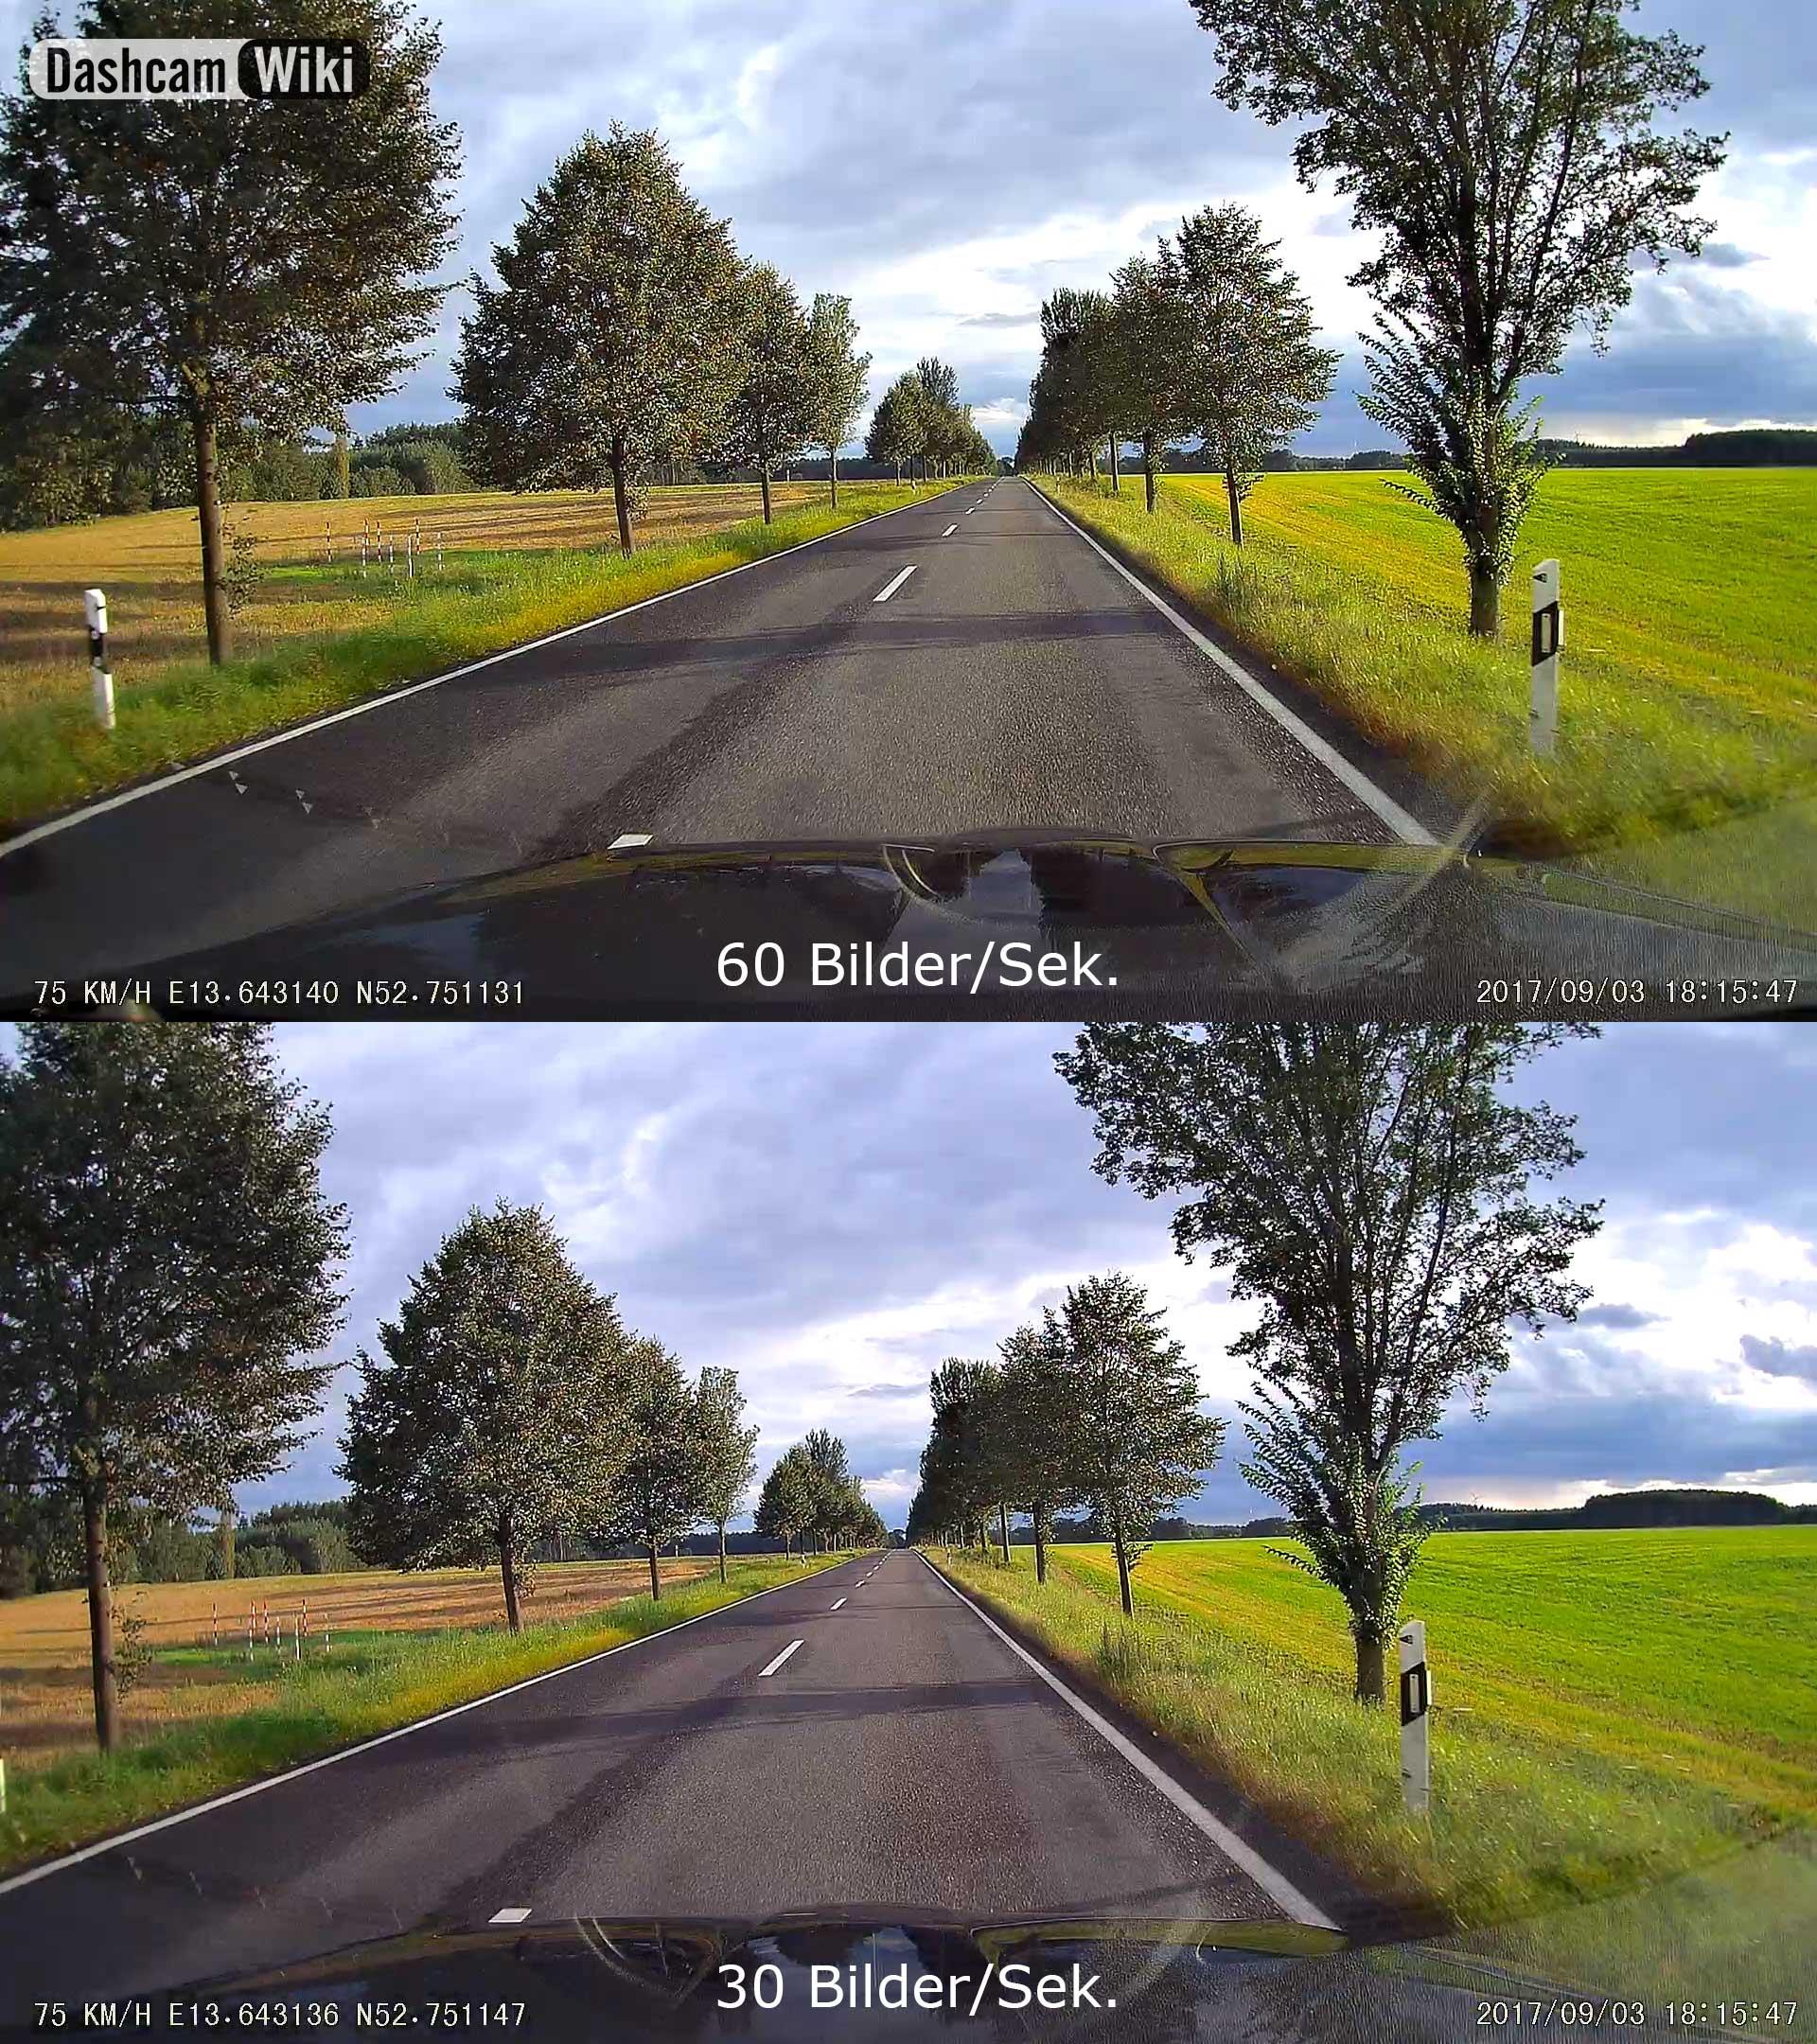 Video: 30 oder 60 Bilder/Sekunde - Was ist besser?